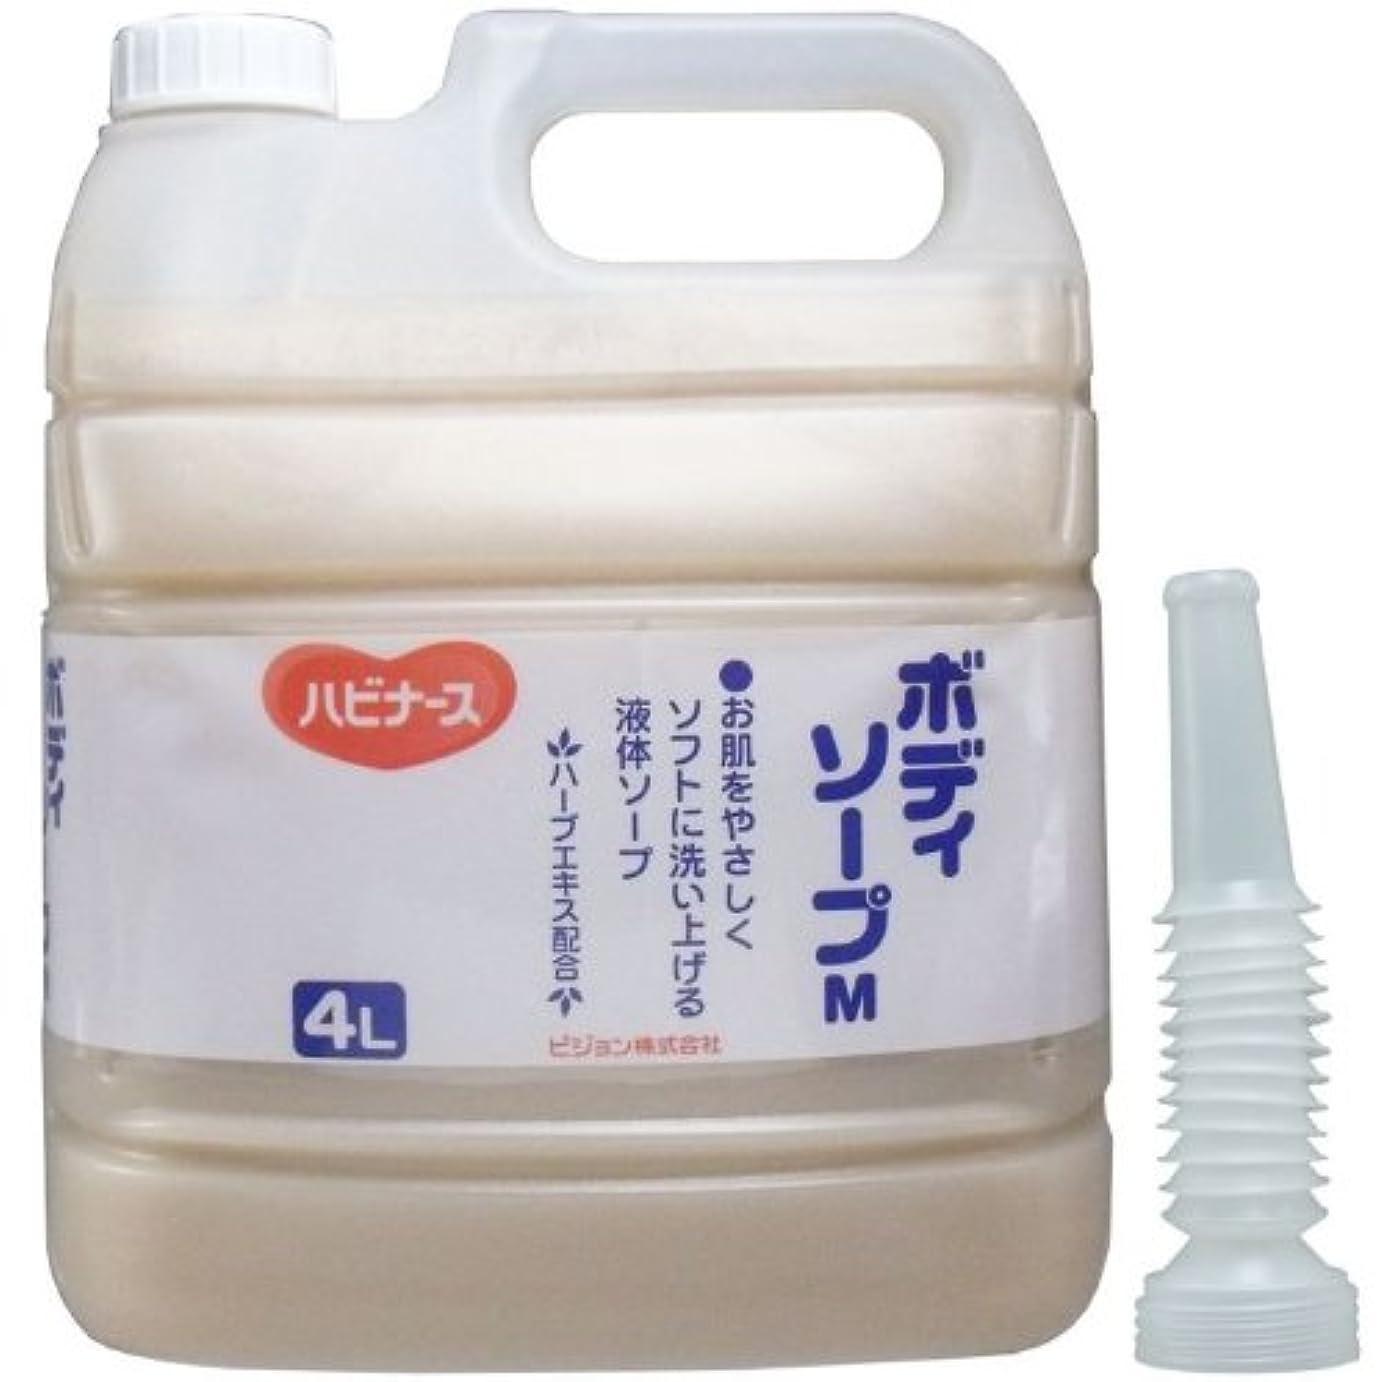 場所かすれた固執液体ソープ ボディソープ 風呂 石ケン お肌をやさしくソフトに洗い上げる!業務用 4L【2個セット】